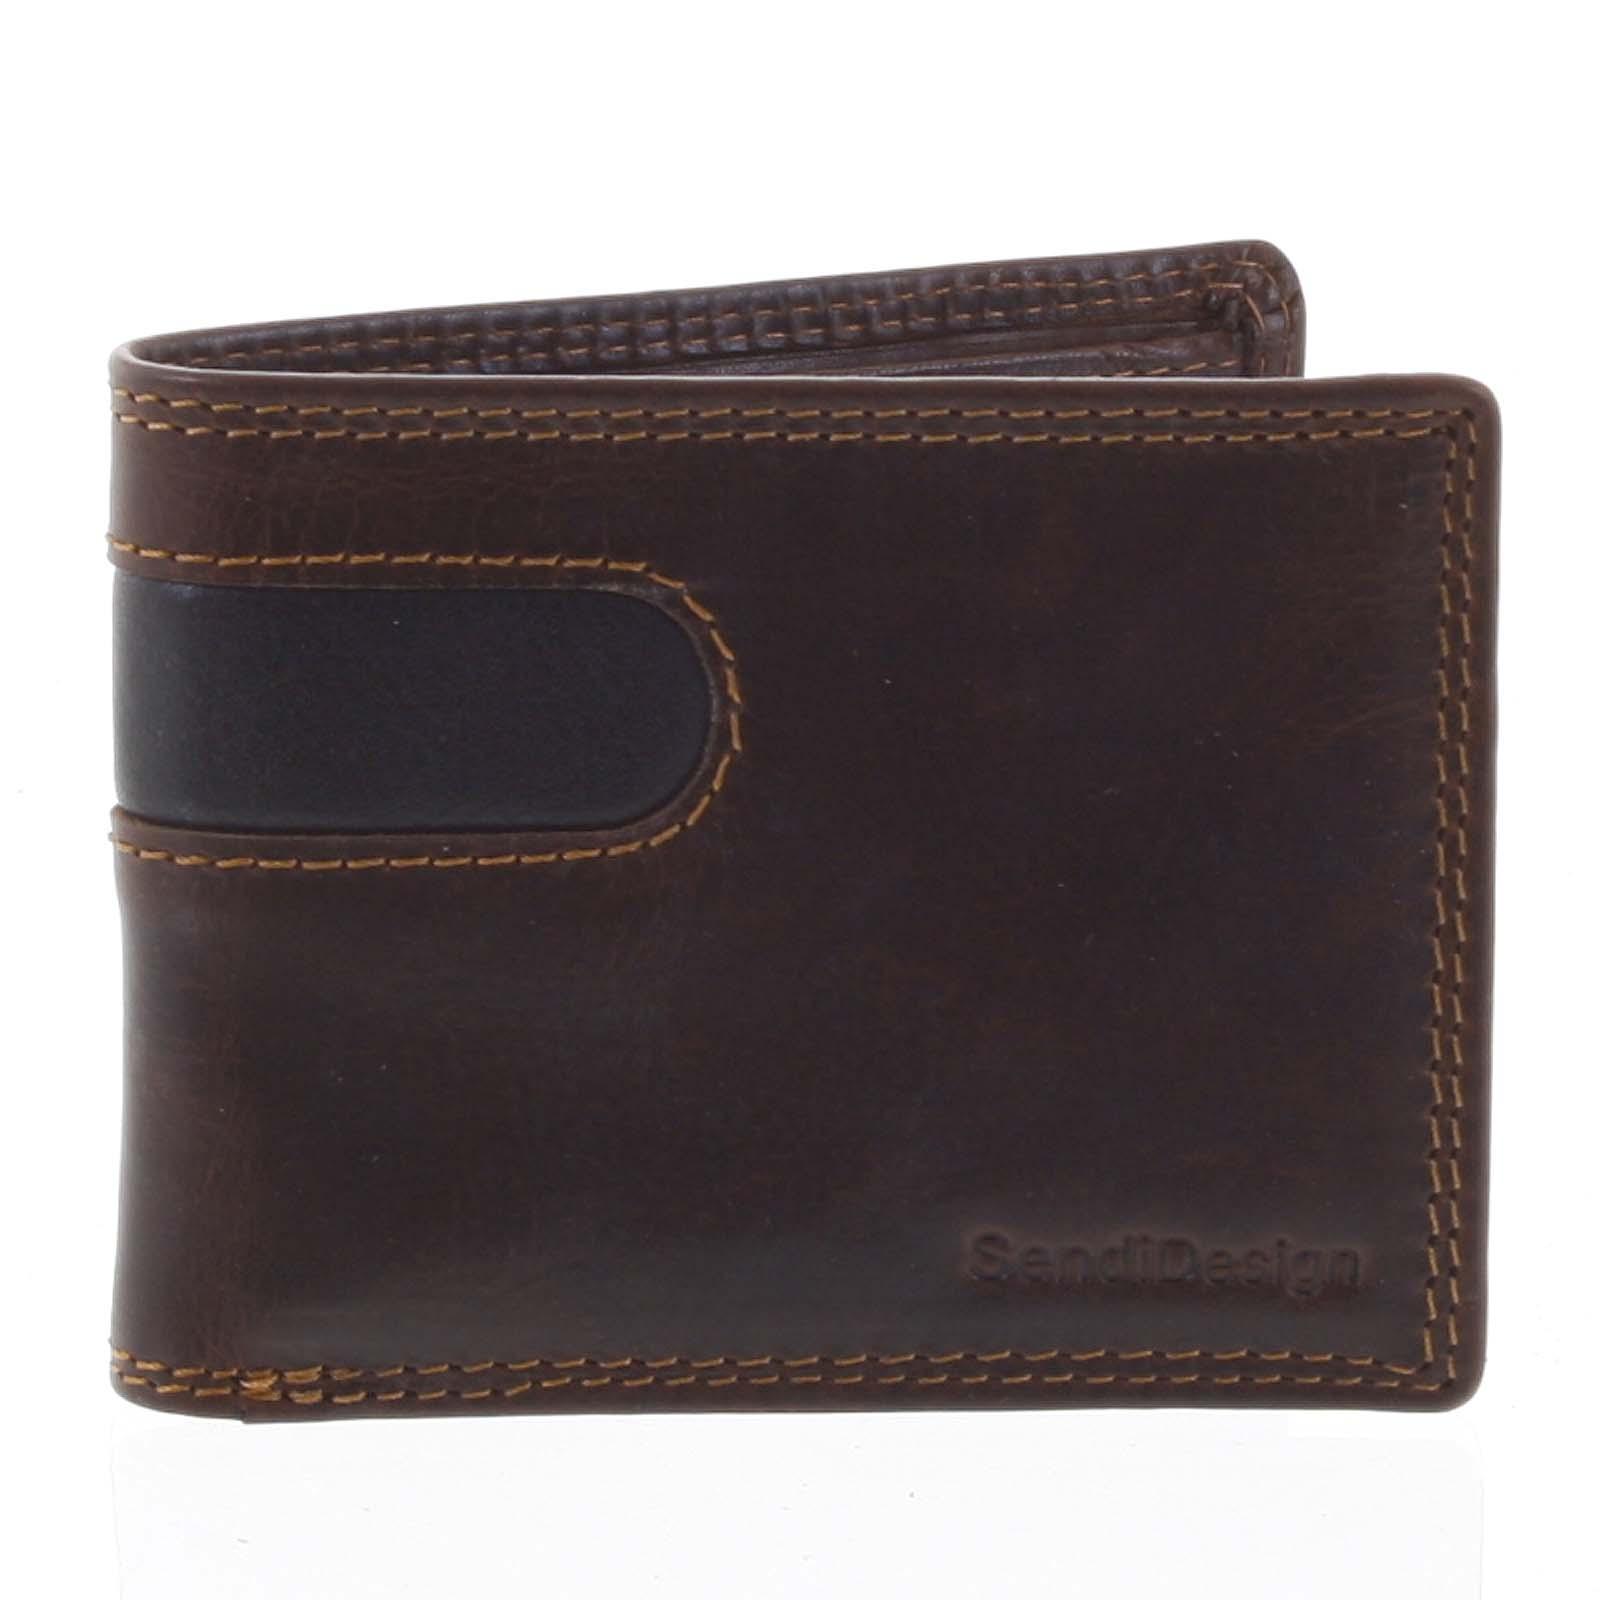 Pánská kožená peněženka na karty hnědá - SendiDesign Sinai hnědá